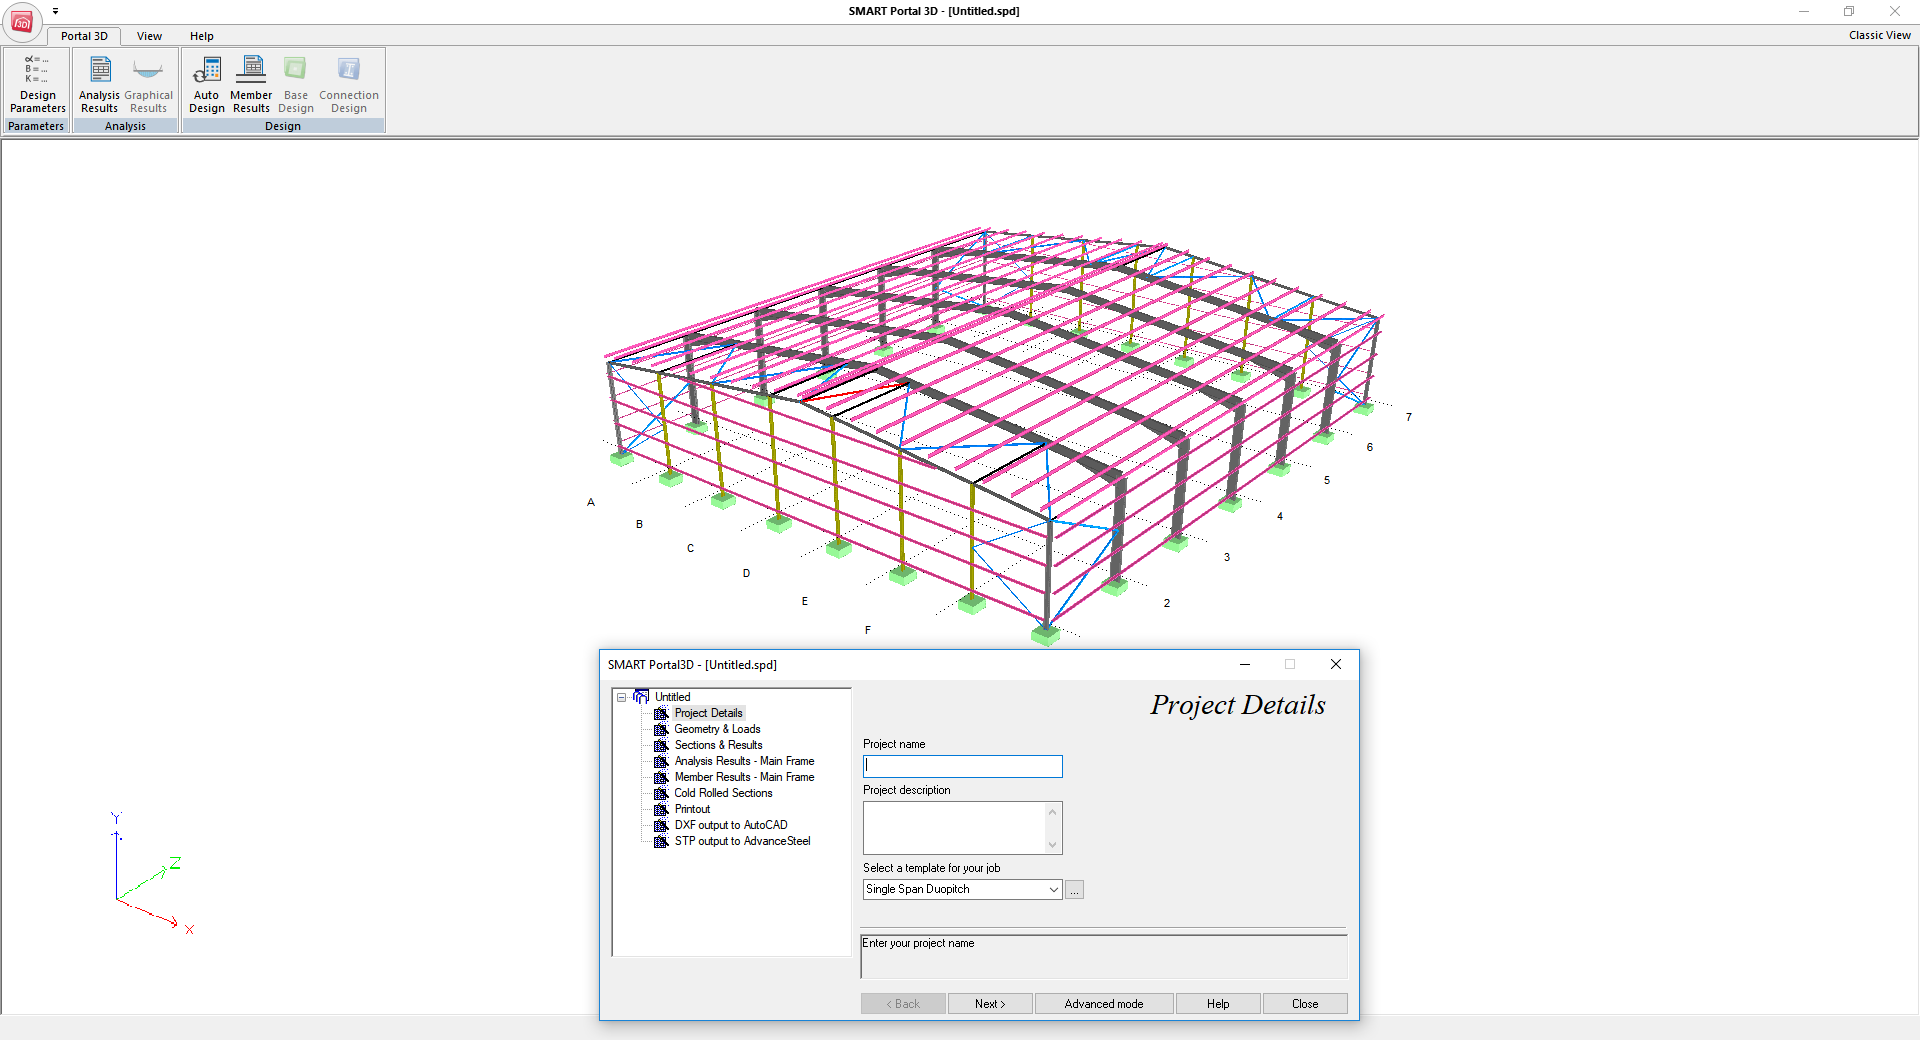 SMART Portal 3D - Main window layout